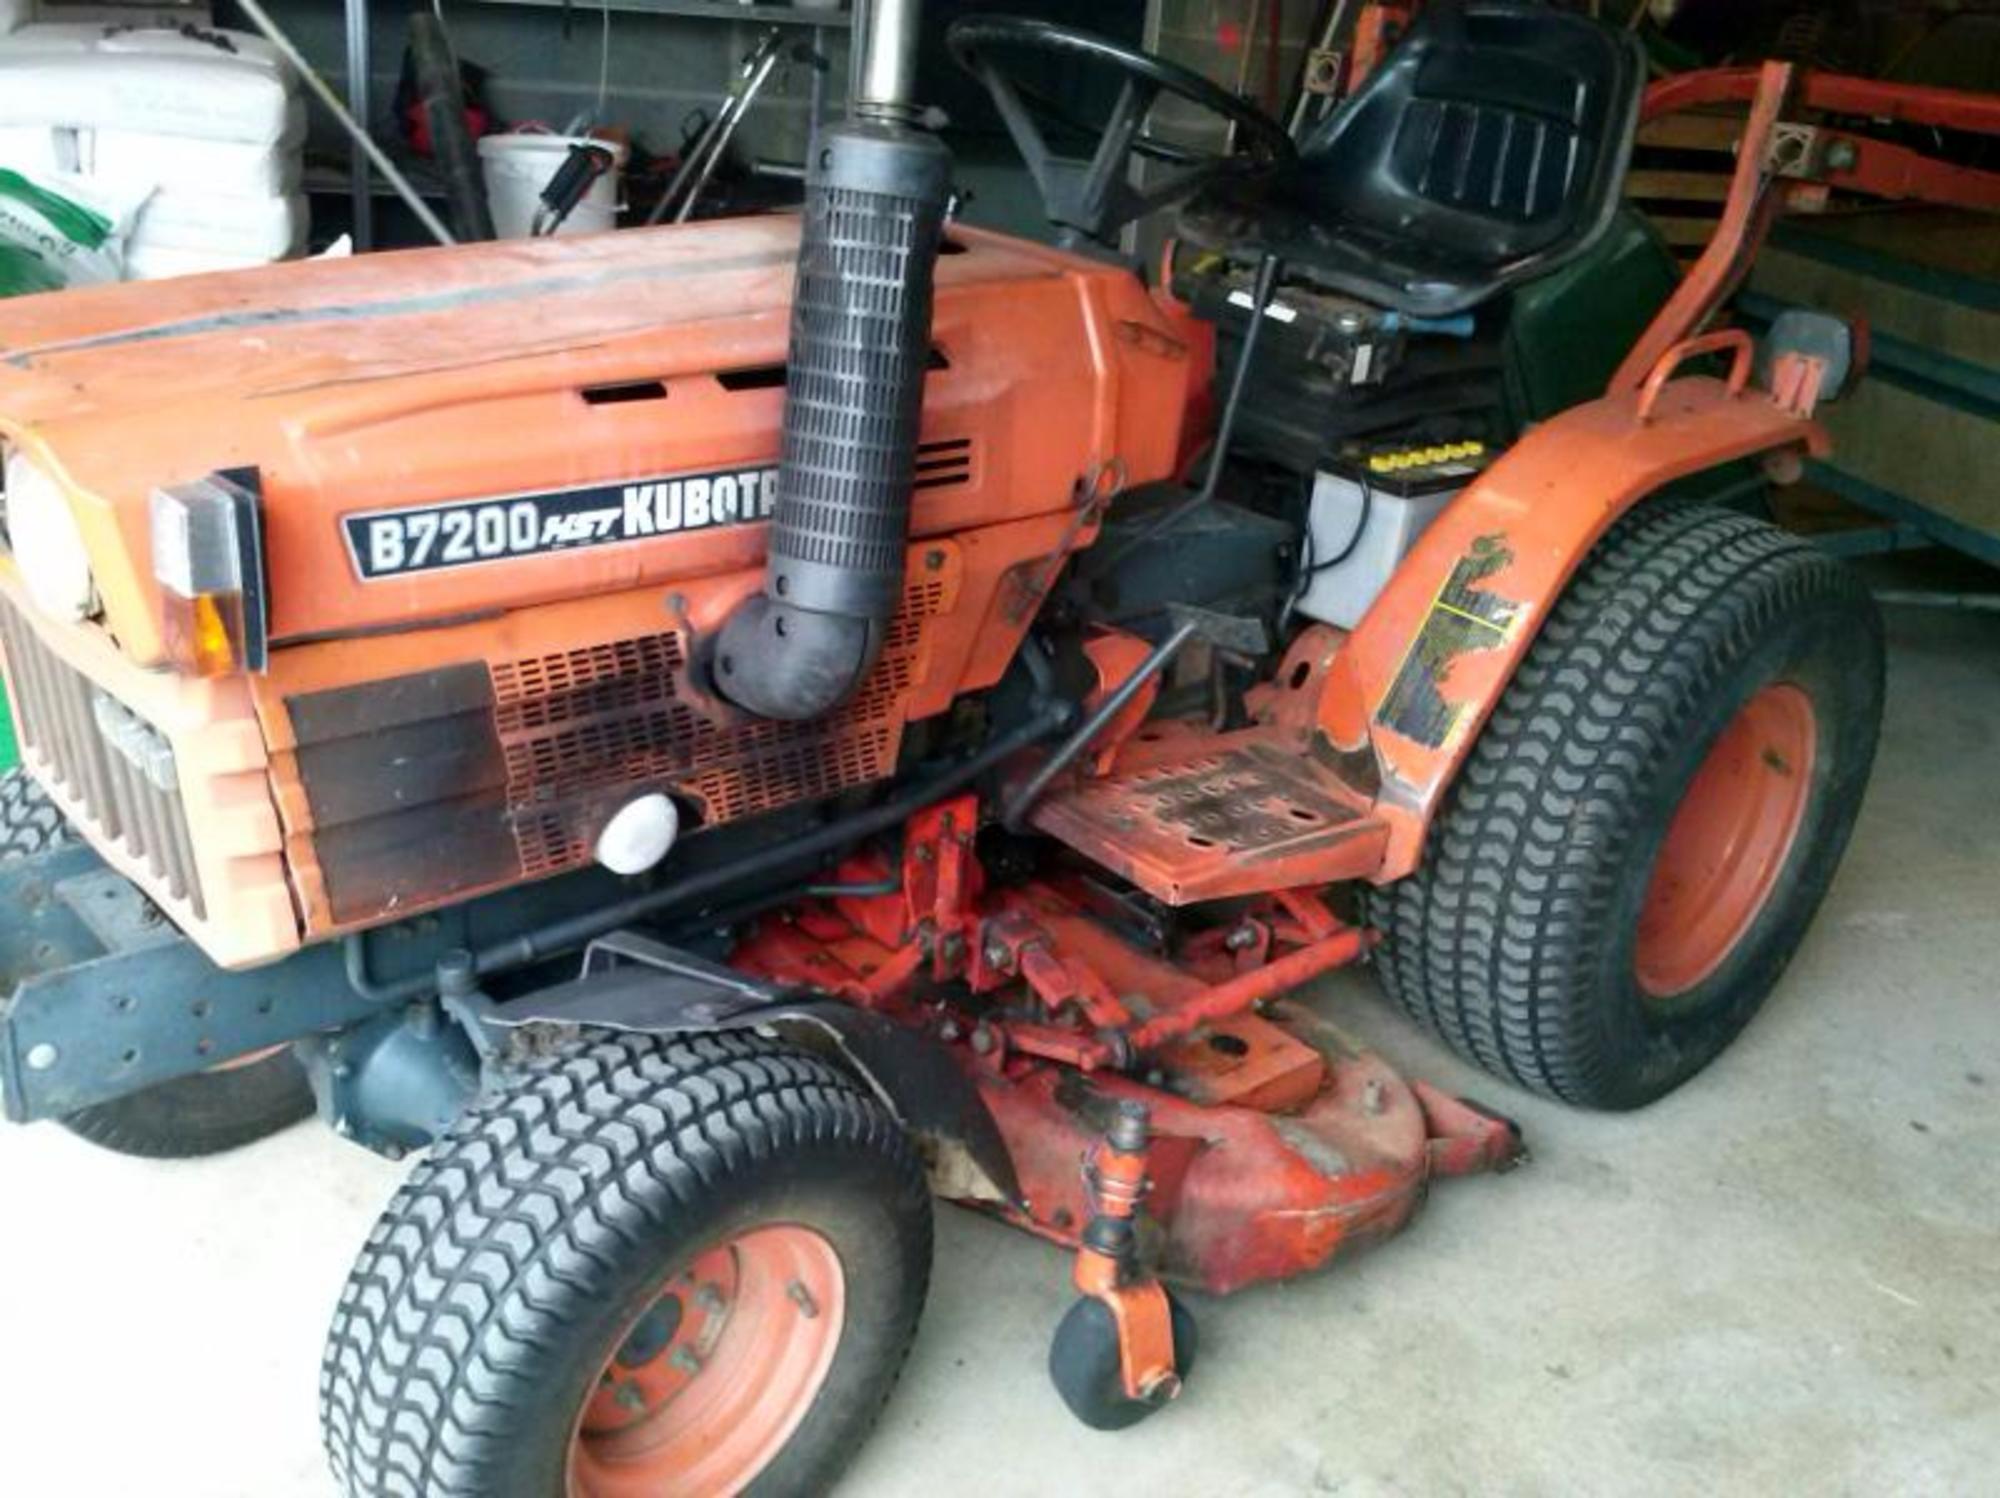 tracteur kubota b 7200 hst - 17 cv  avec tondeuse  - tracteur d u0026 39 occasion aux ench u00e8res